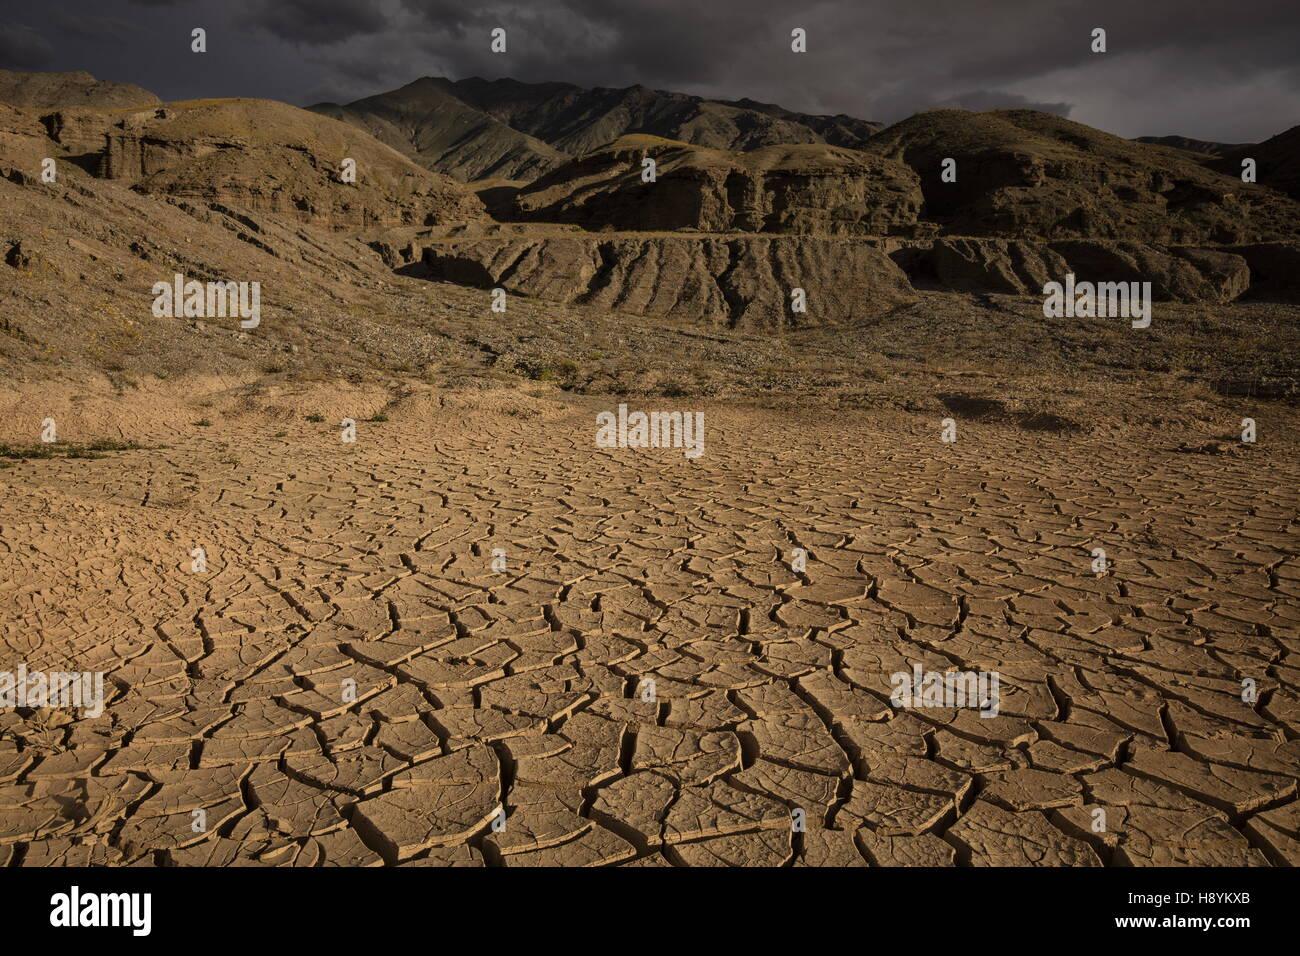 Fissures dans la boue du lac de séchage après de fortes pluies dans la région de Death Valley, Californie. Photo Stock